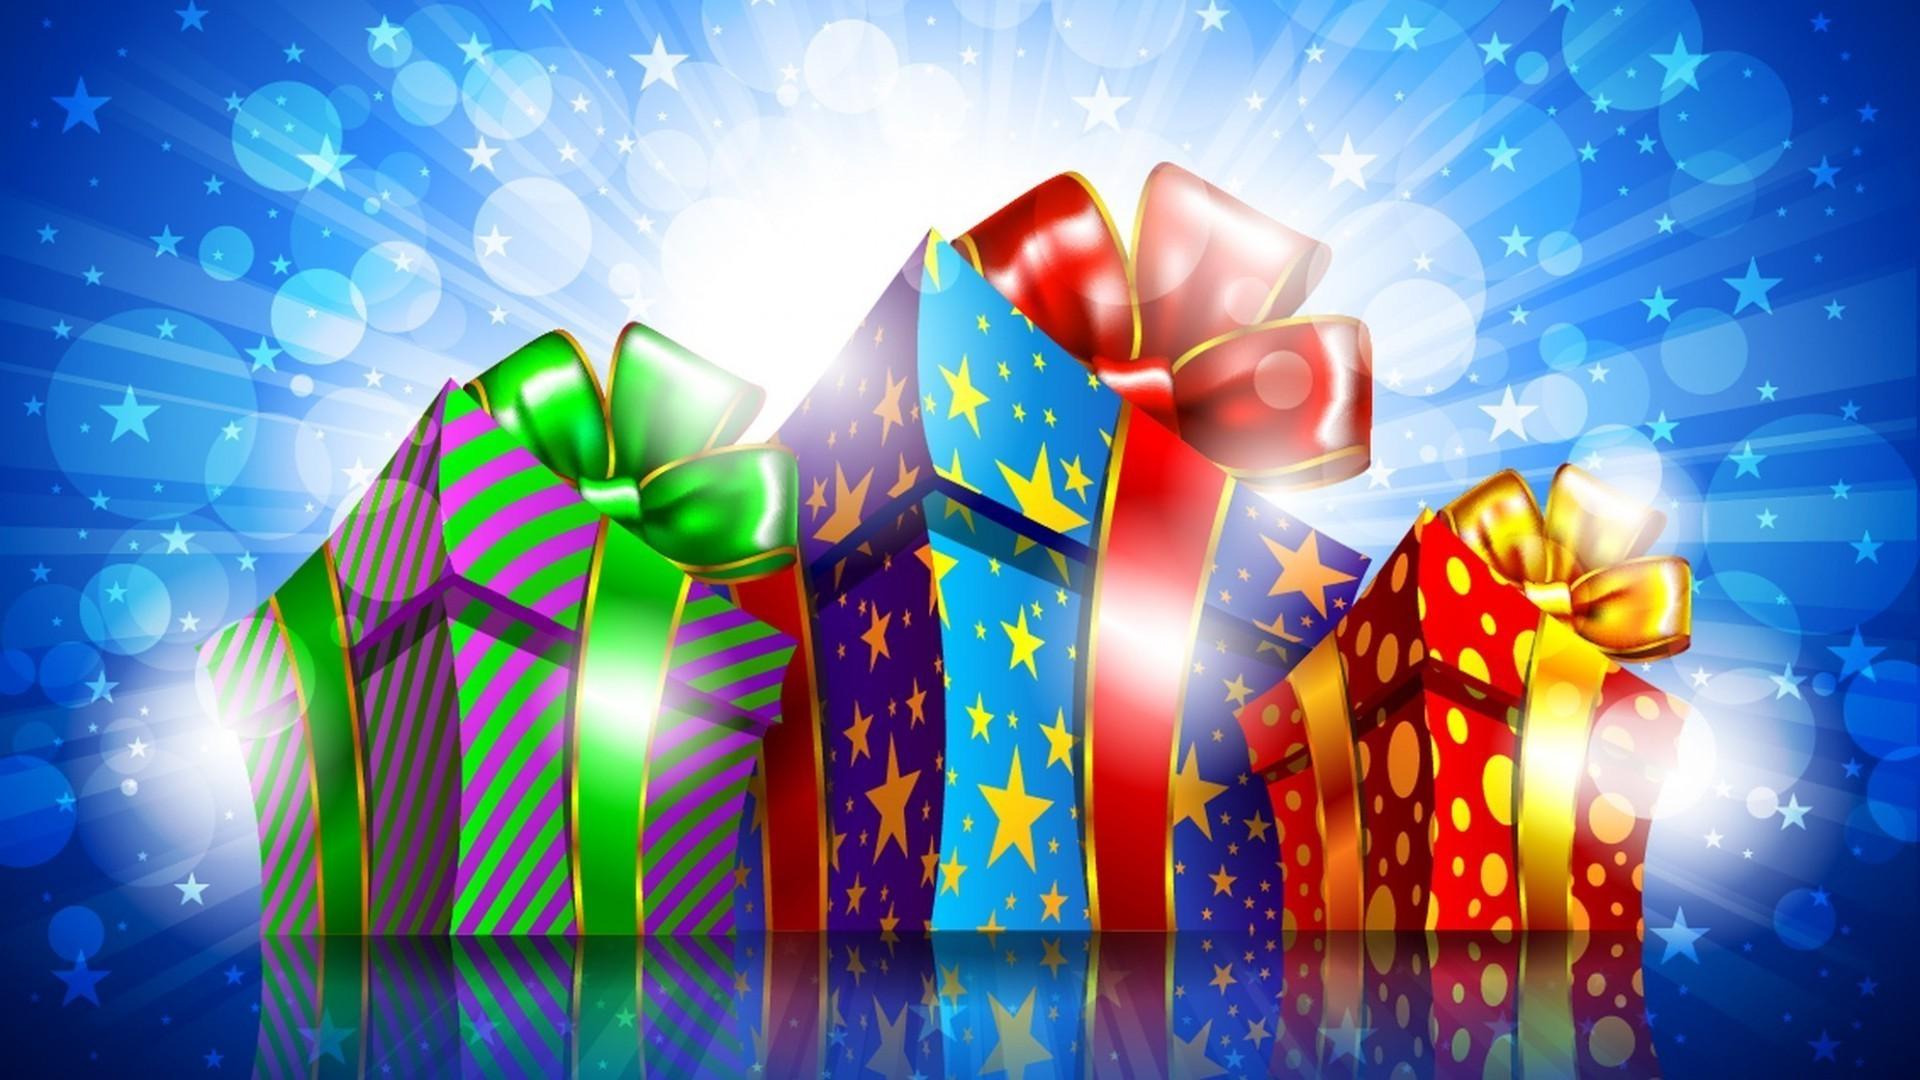 Подарки в день рождения открытки, днем